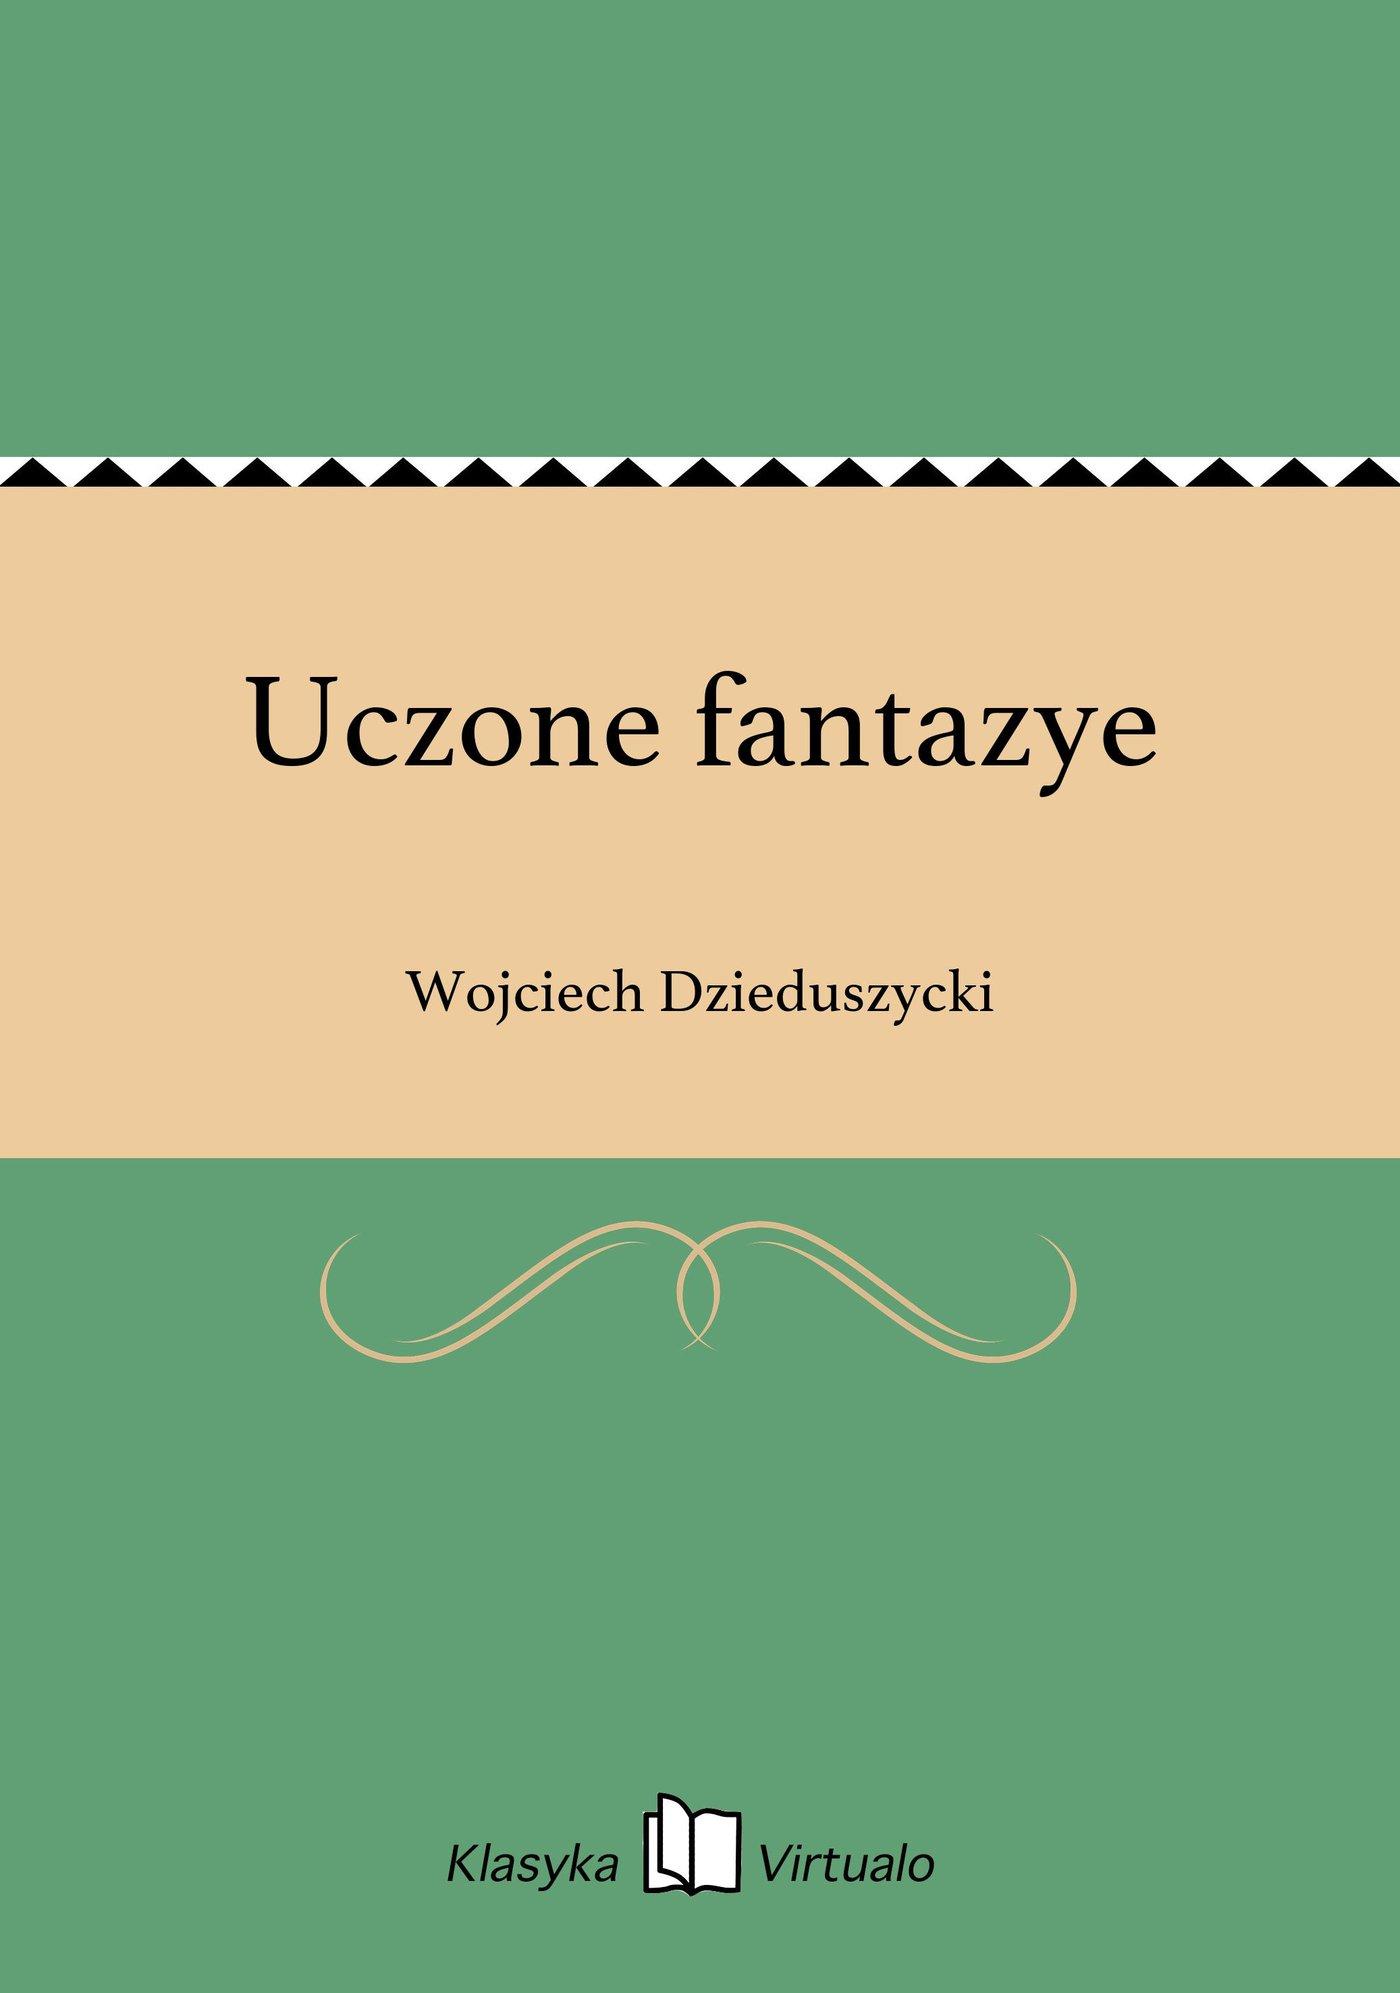 Uczone fantazye - Ebook (Książka EPUB) do pobrania w formacie EPUB